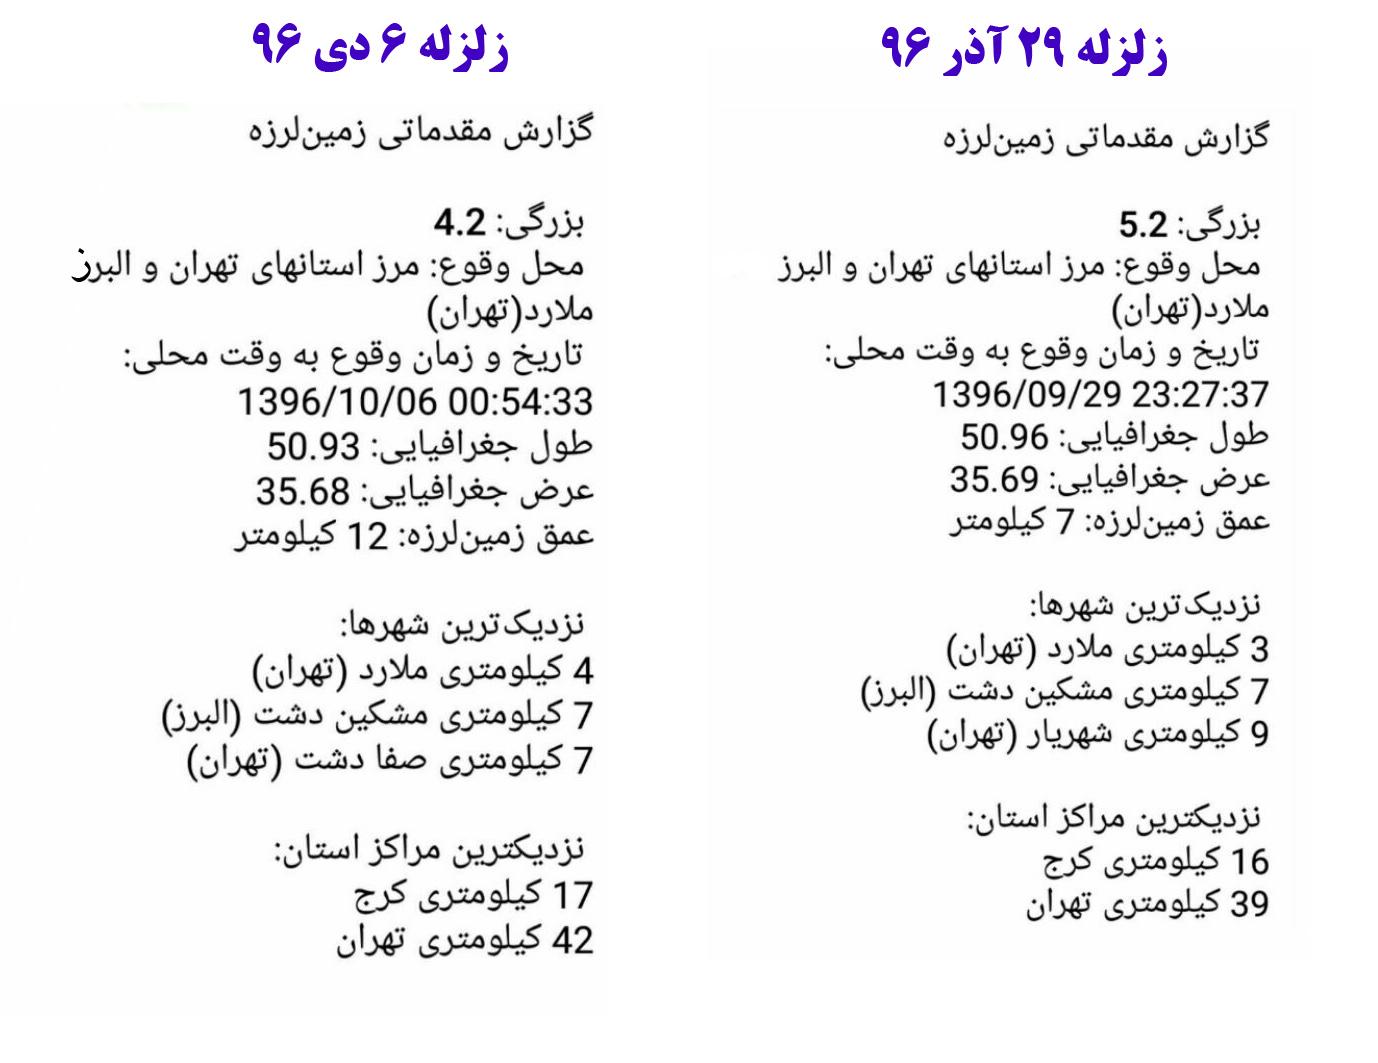 جدول مقایسه دو زلزله 29 آذر و 6 دی